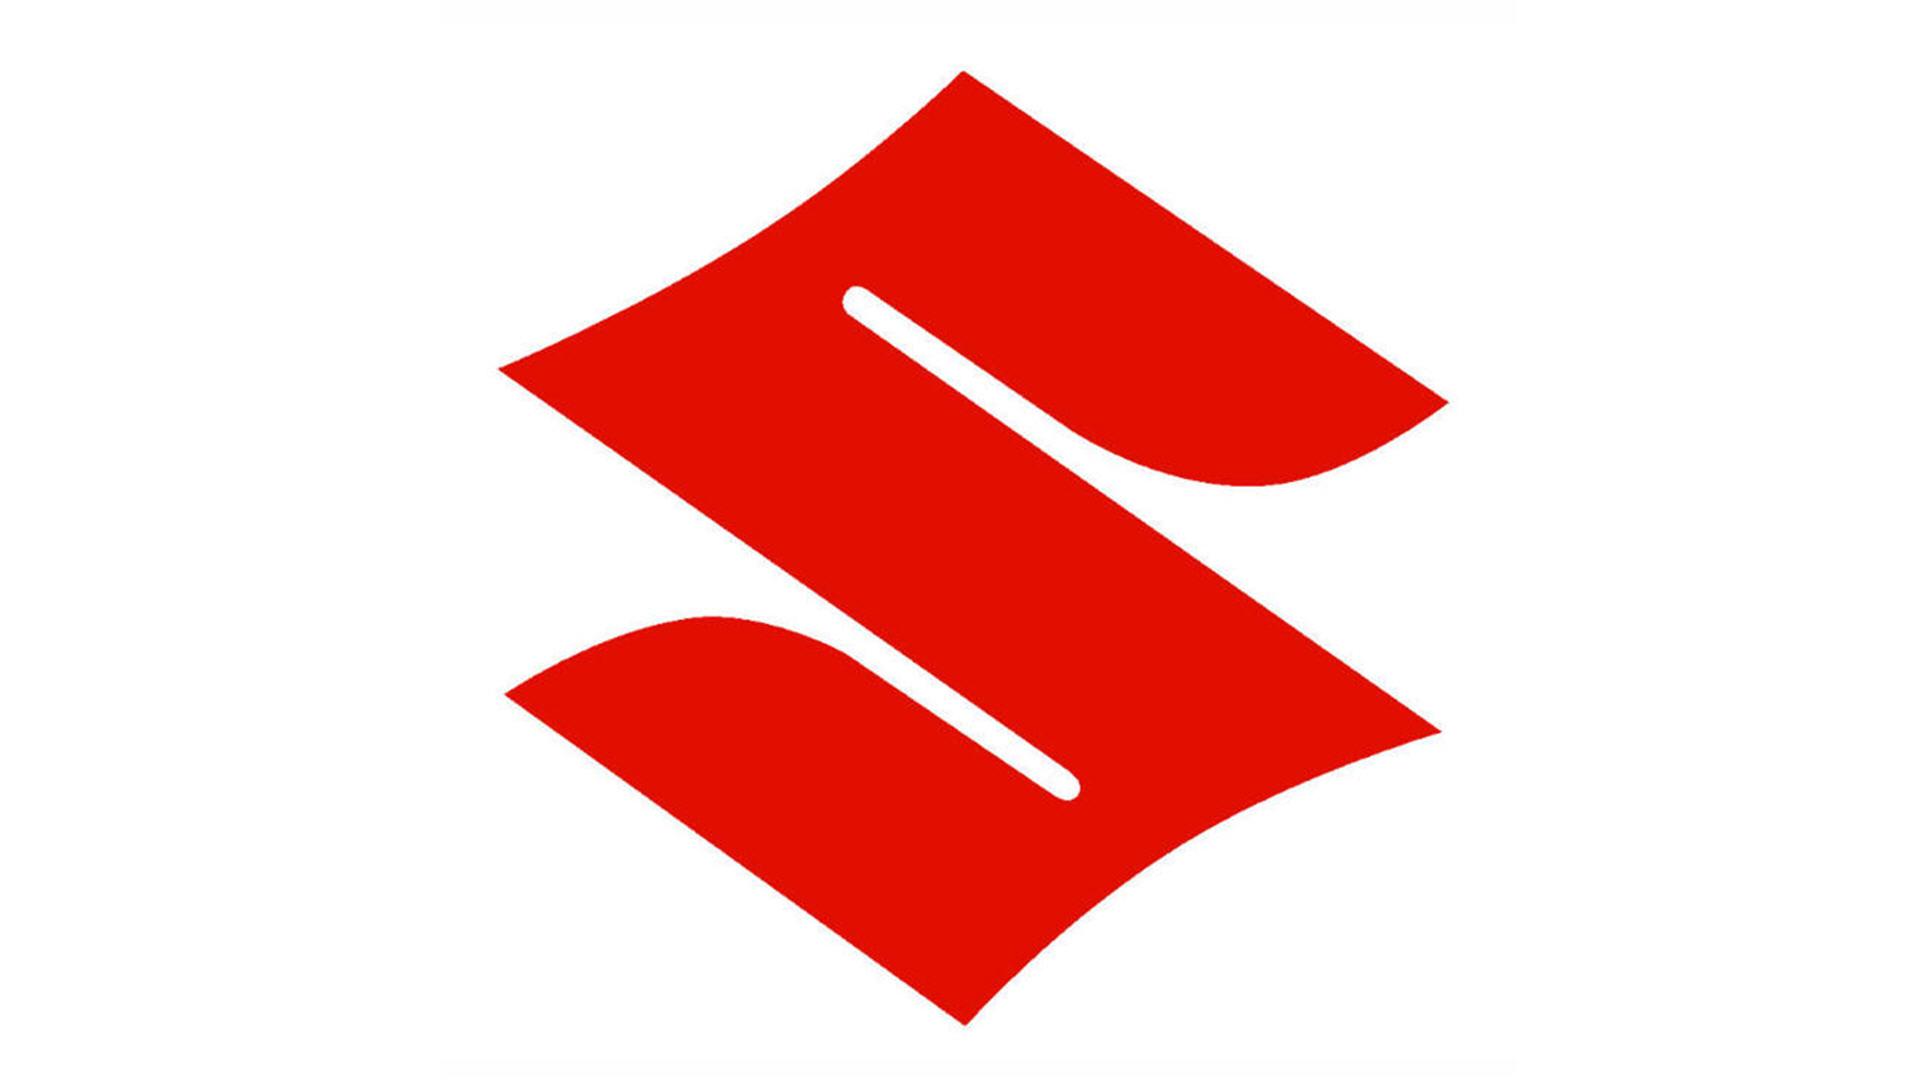 Suzuki Red Logo Wallpaper